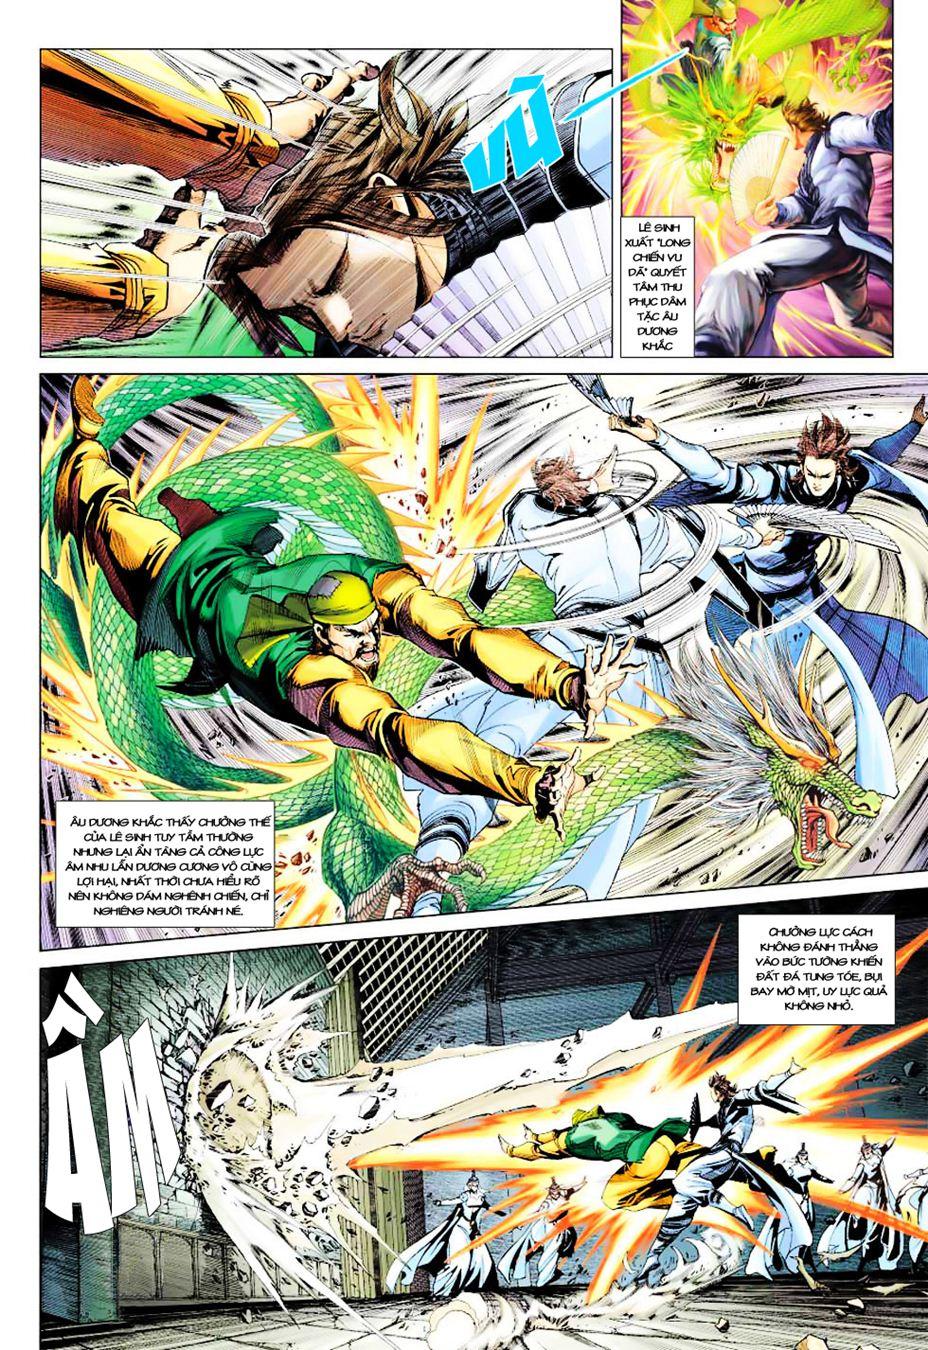 Anh Hùng Xạ Điêu anh hùng xạ đêu chap 35 trang 3